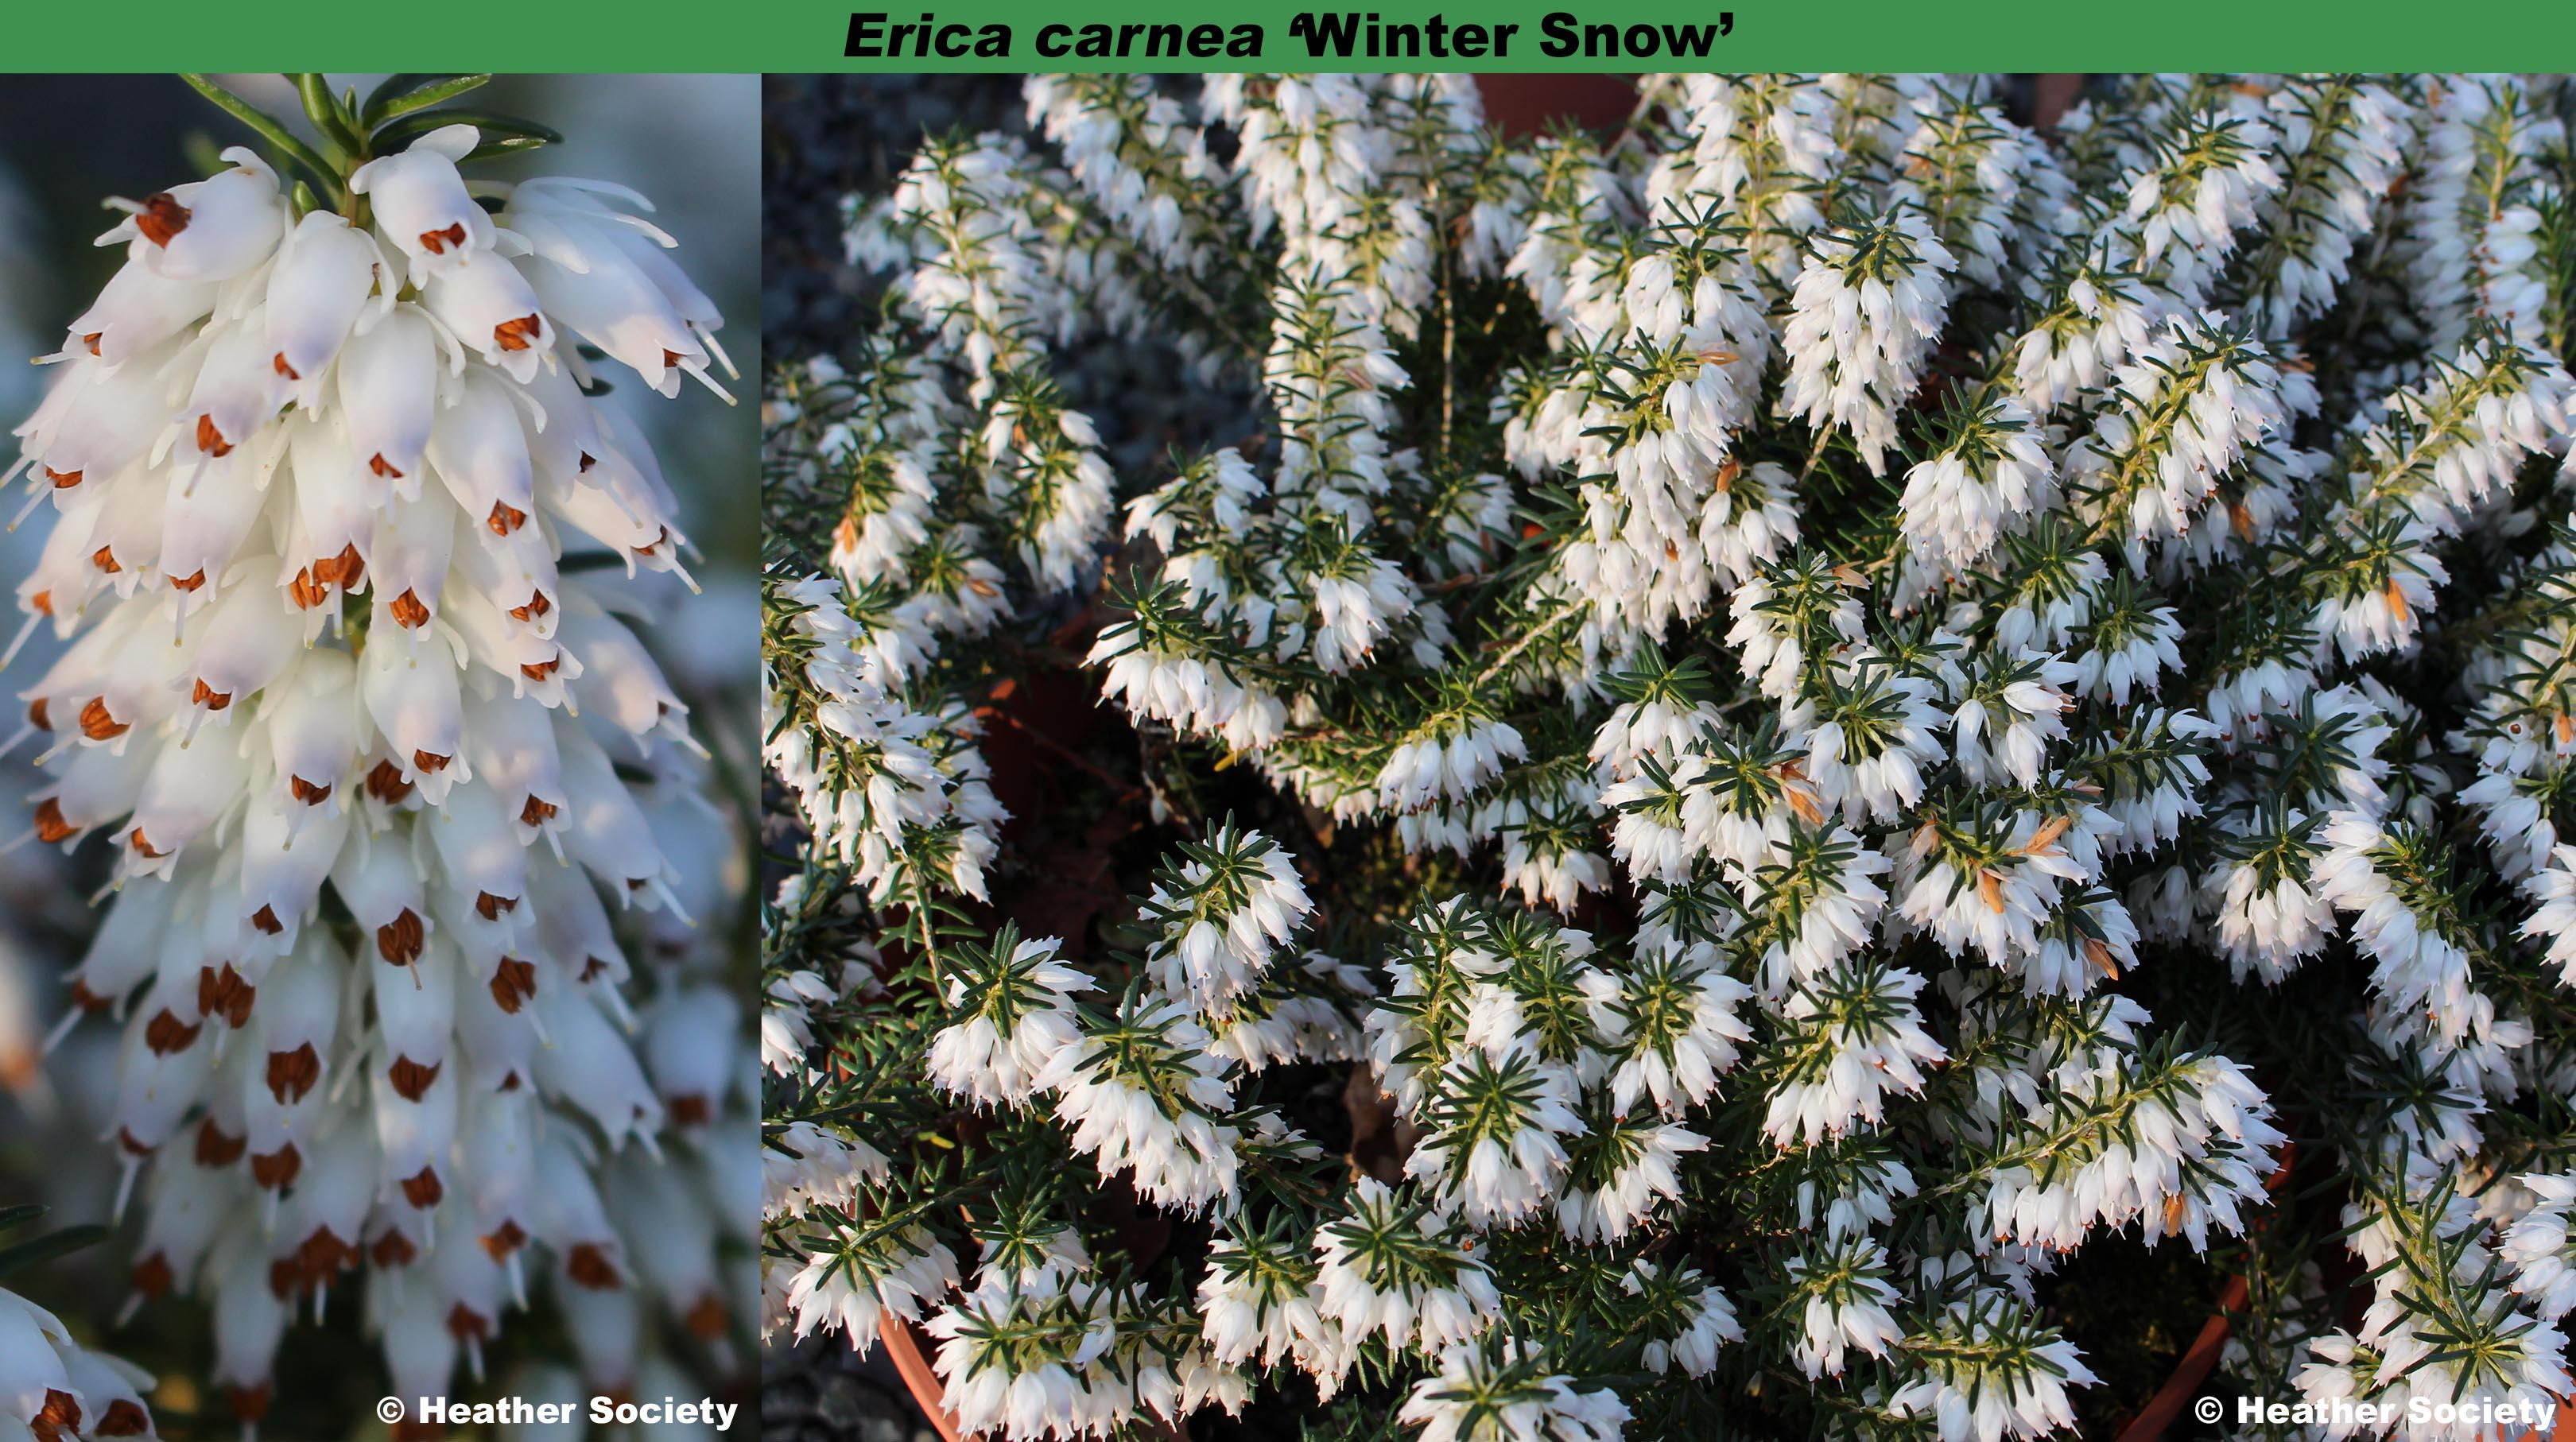 Erica carnea 'Winter Snow' combo